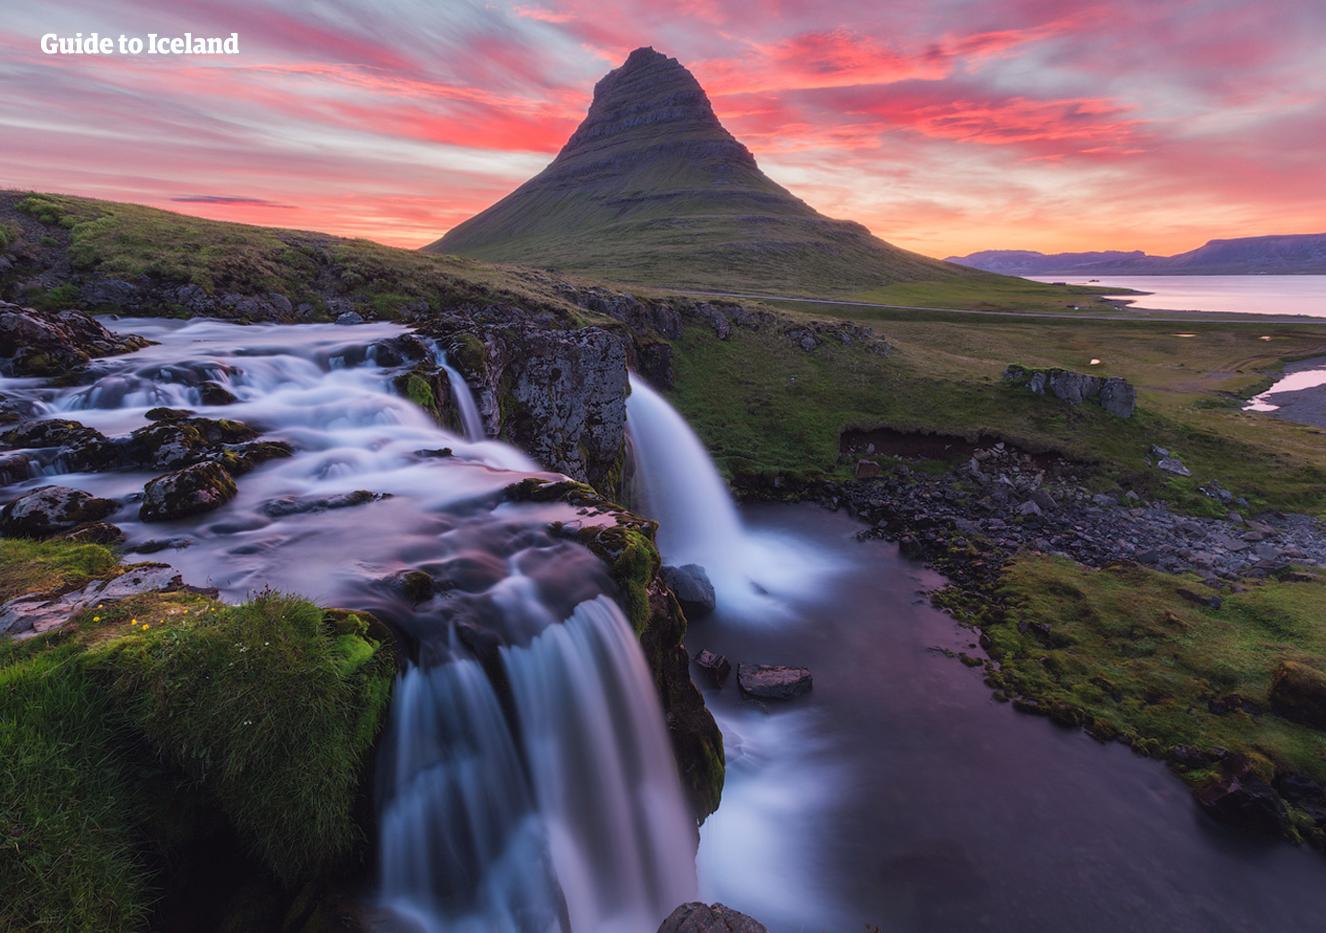 教会山,又名草帽山,是冰岛斯奈山半岛之上著名的摄影地点